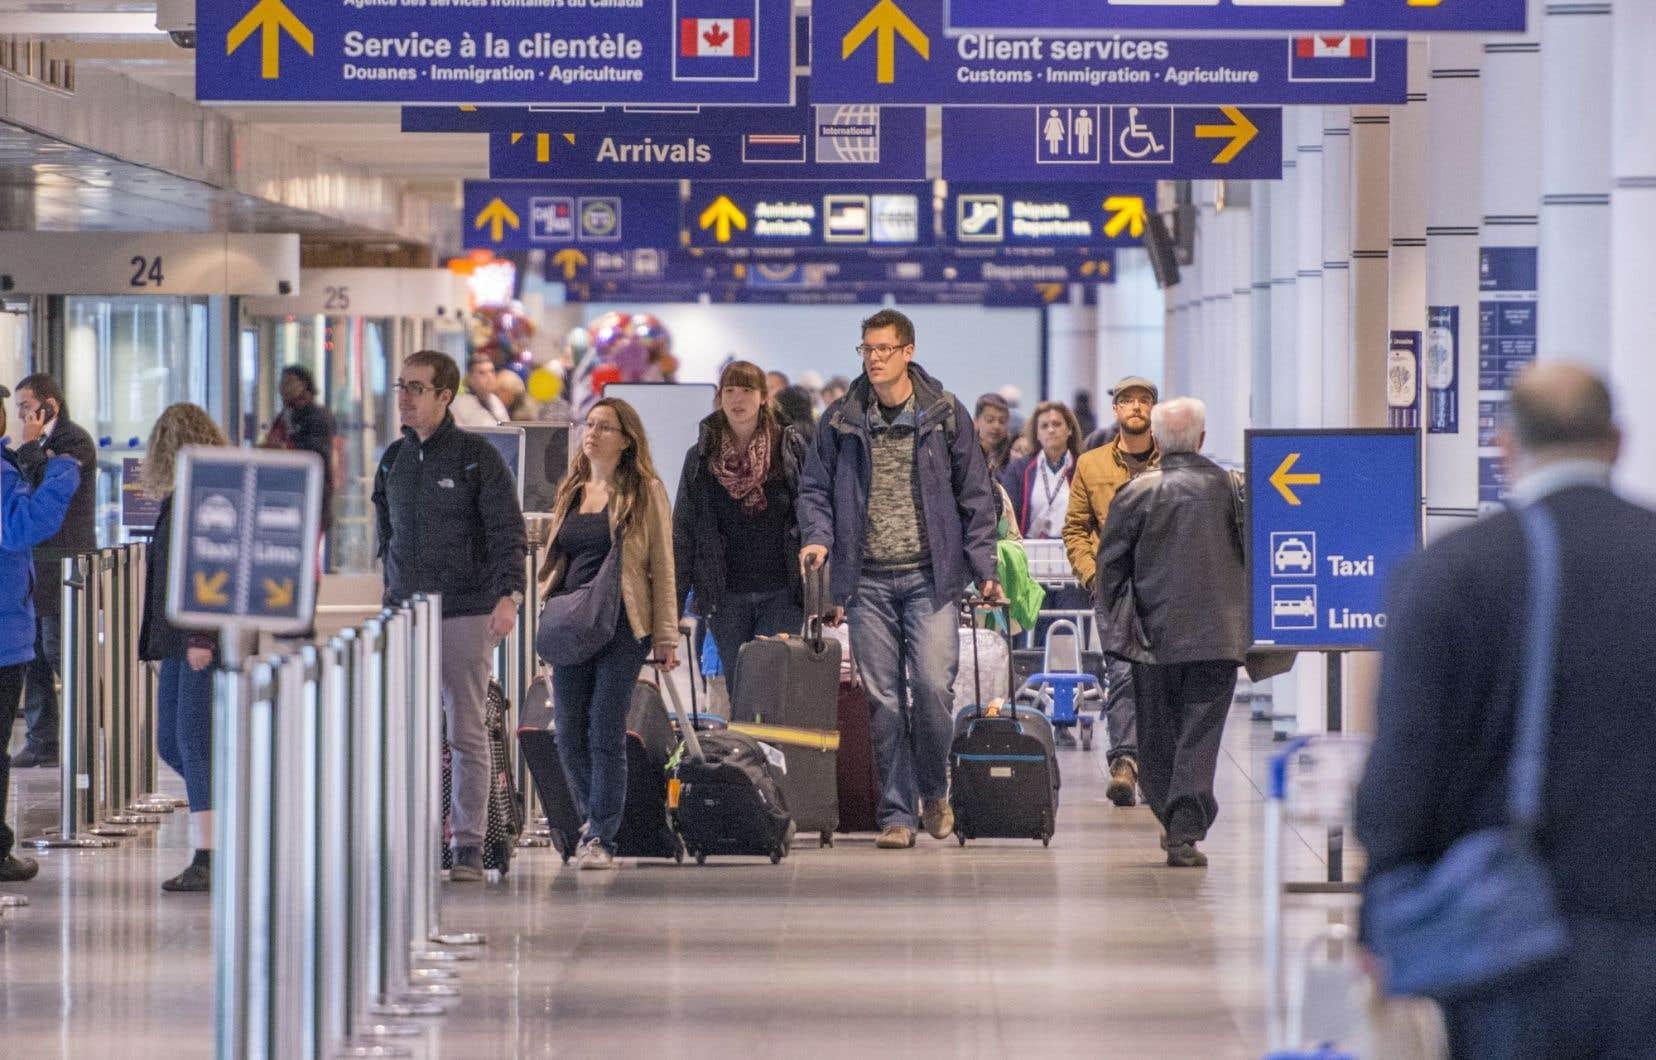 De nouvelles bornes permettront à tous les voyageurs de faire vérifier leurs documents de voyage, de remplir une déclaration à l'écran et de confirmer leur identité au moyen de la reconnaissance faciale.